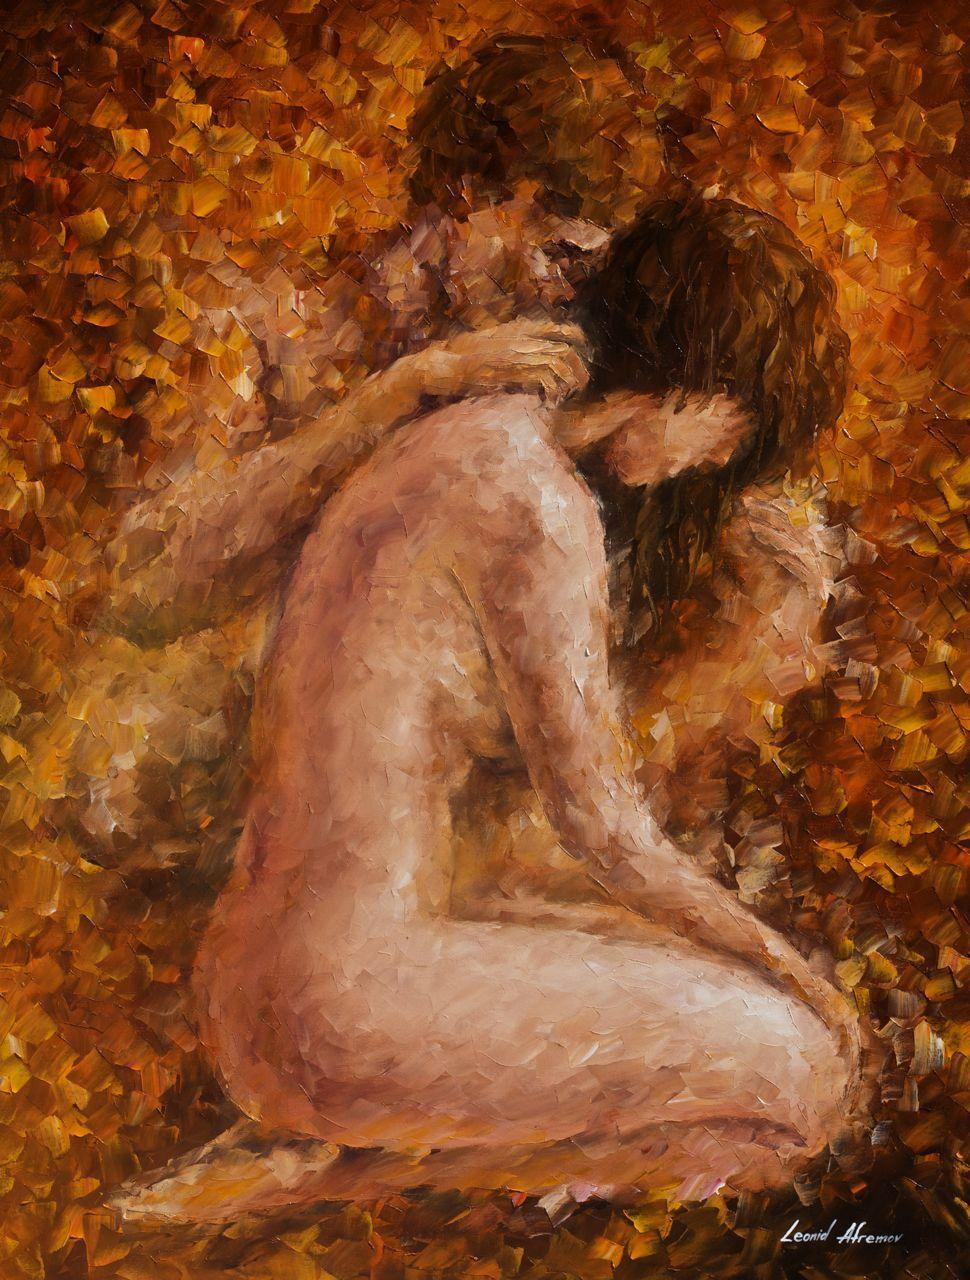 Αποτέλεσμα εικόνας για abstract paintings of love